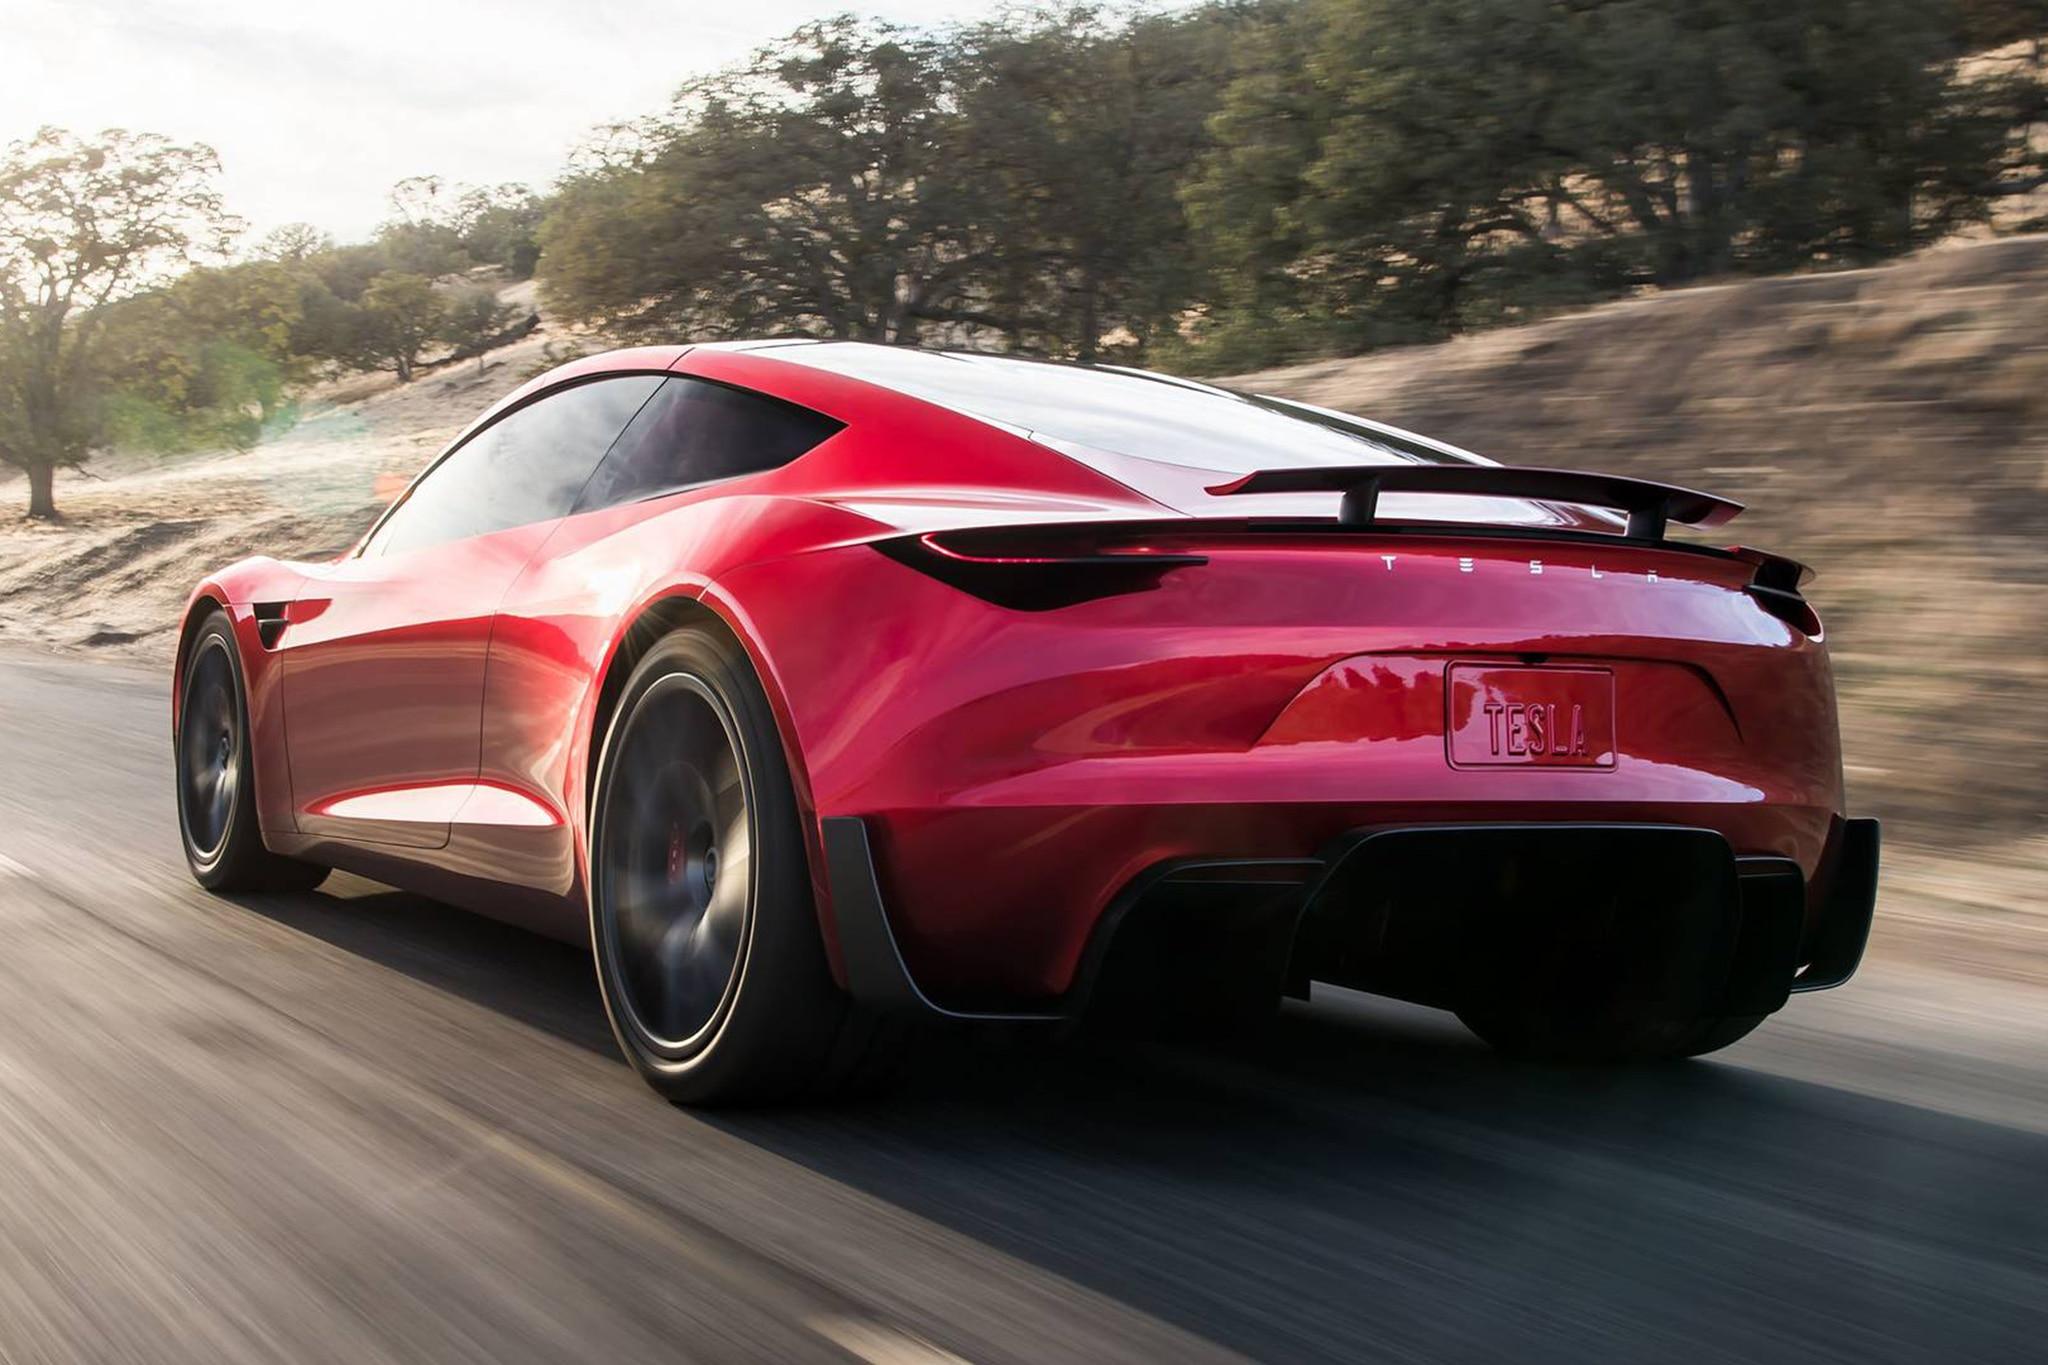 2020 Tesla Roadster Rear